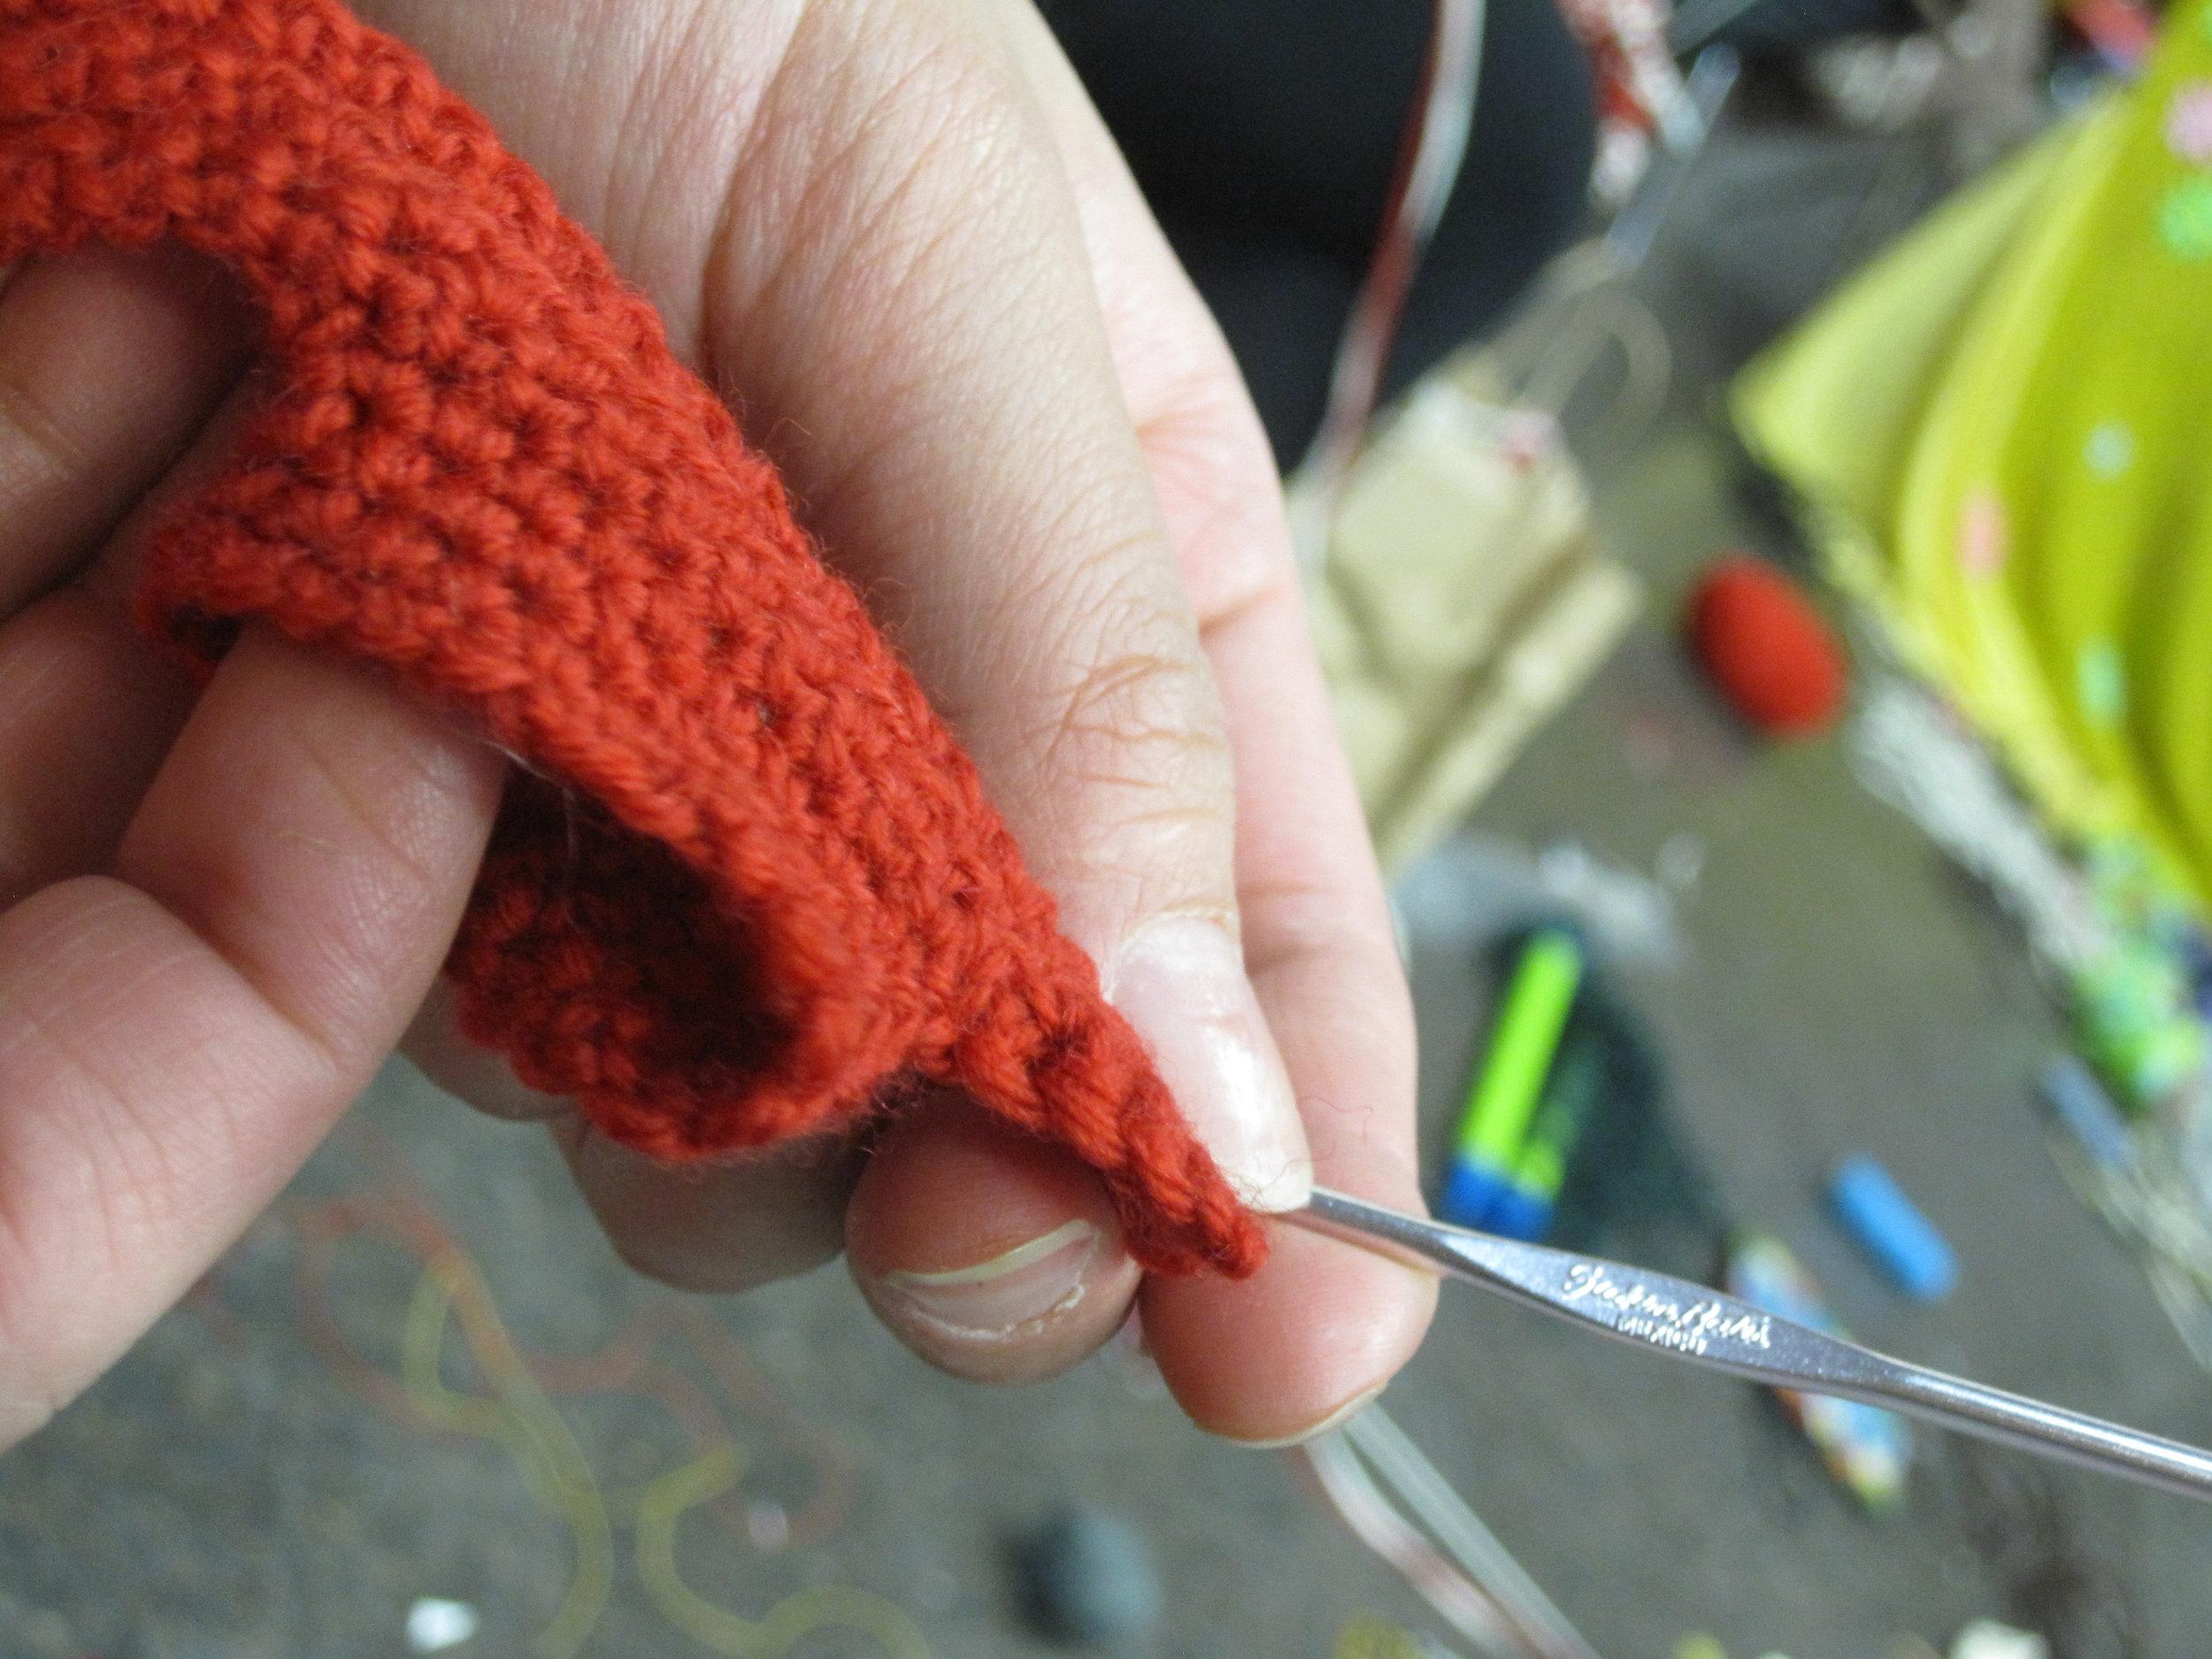 knittingmarathon10_4314856513_o.jpg